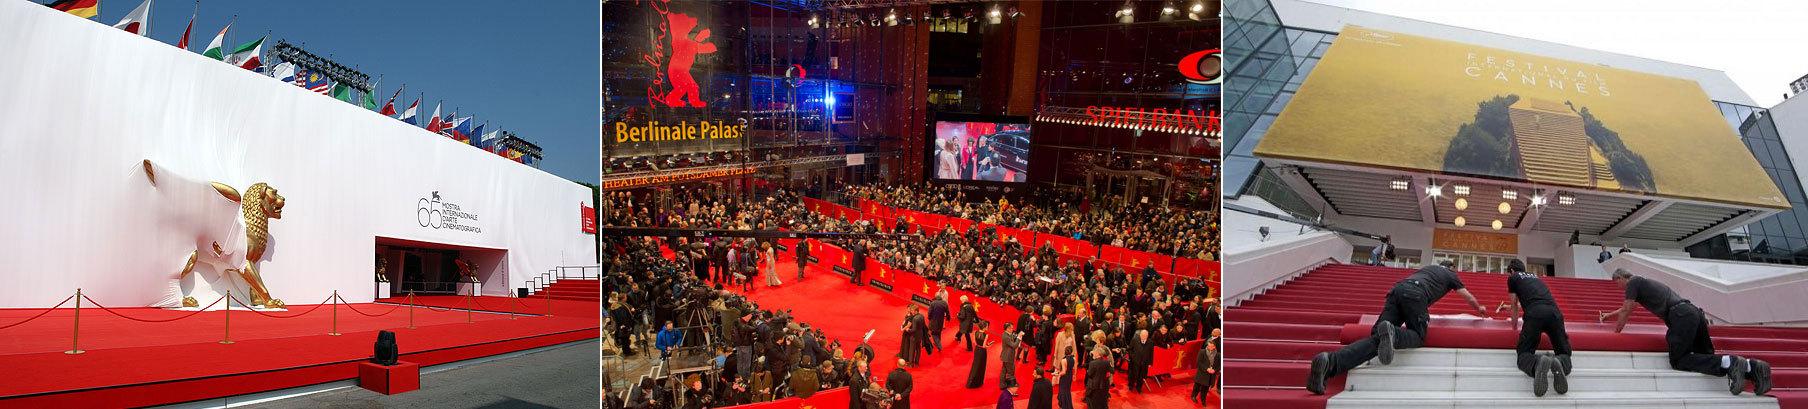 همه جشنوارههای بزرگ جهان کاخ جشنواره دارند به جز جشنواره فیلم فجر!